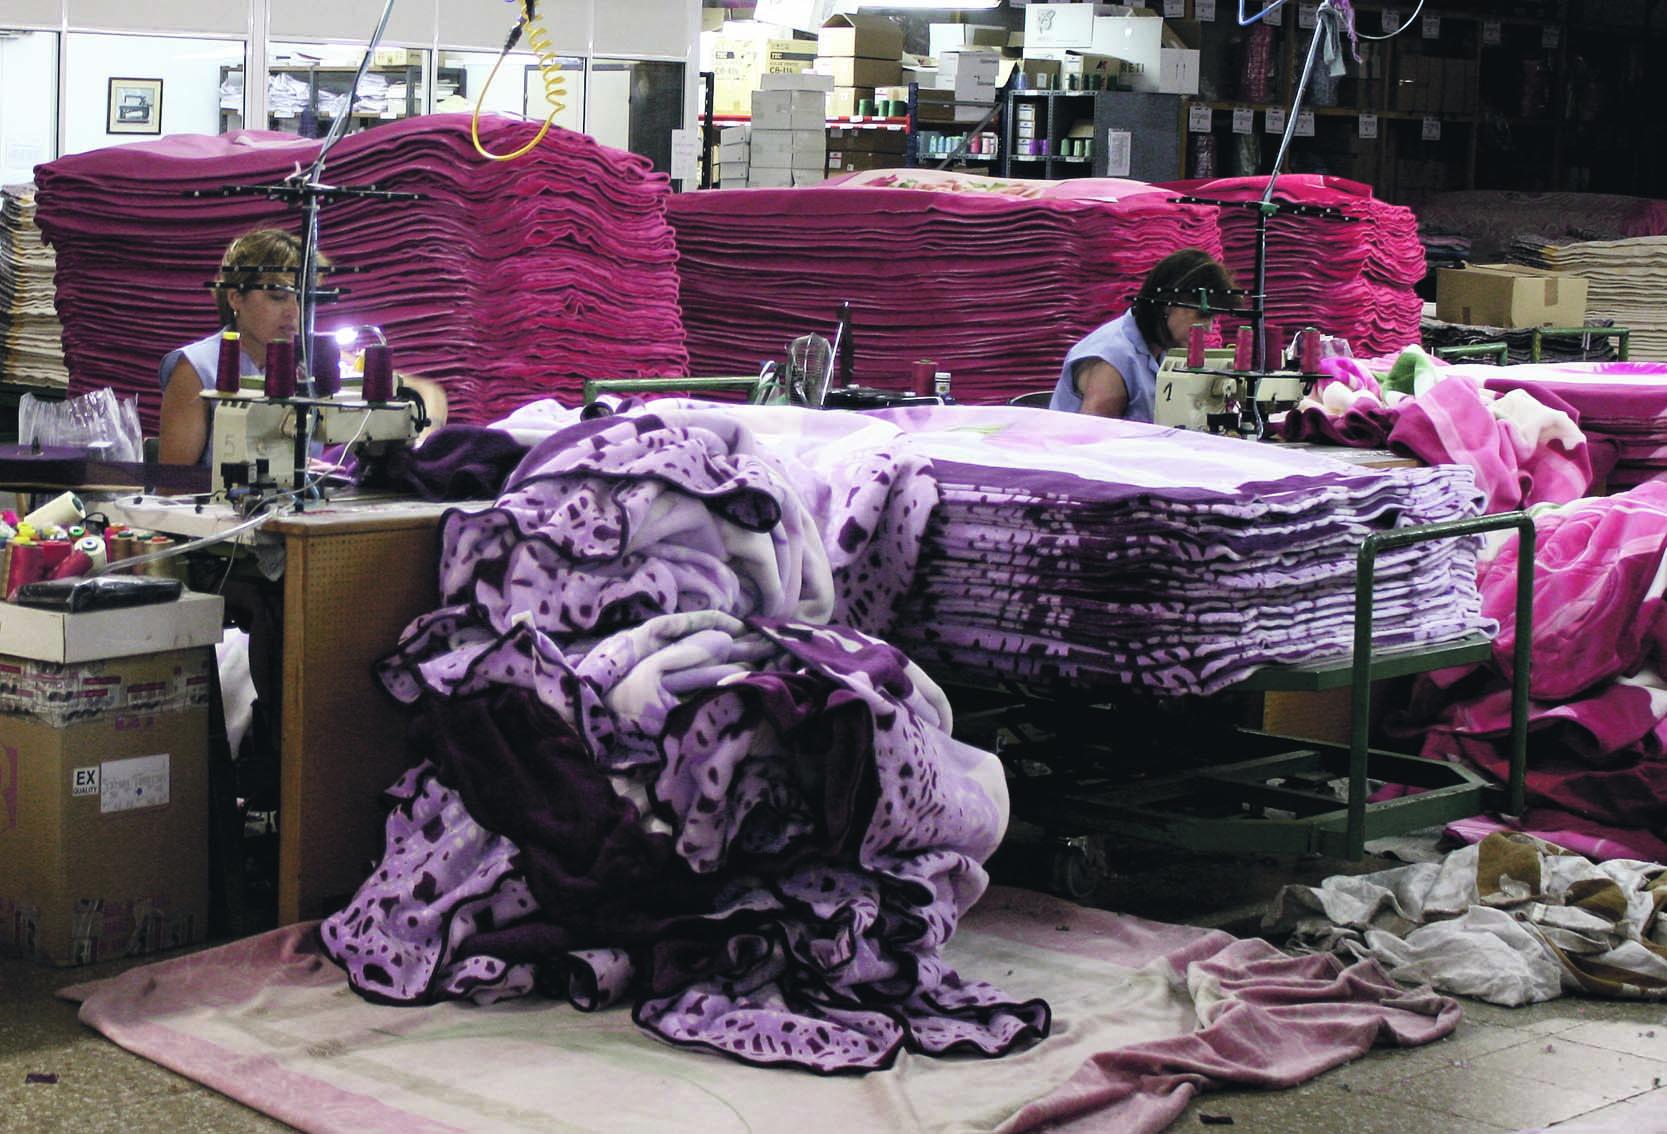 Les empreses tèxtils creixen per primera vegada des de la crisi El Periòdic d'Ontinyent